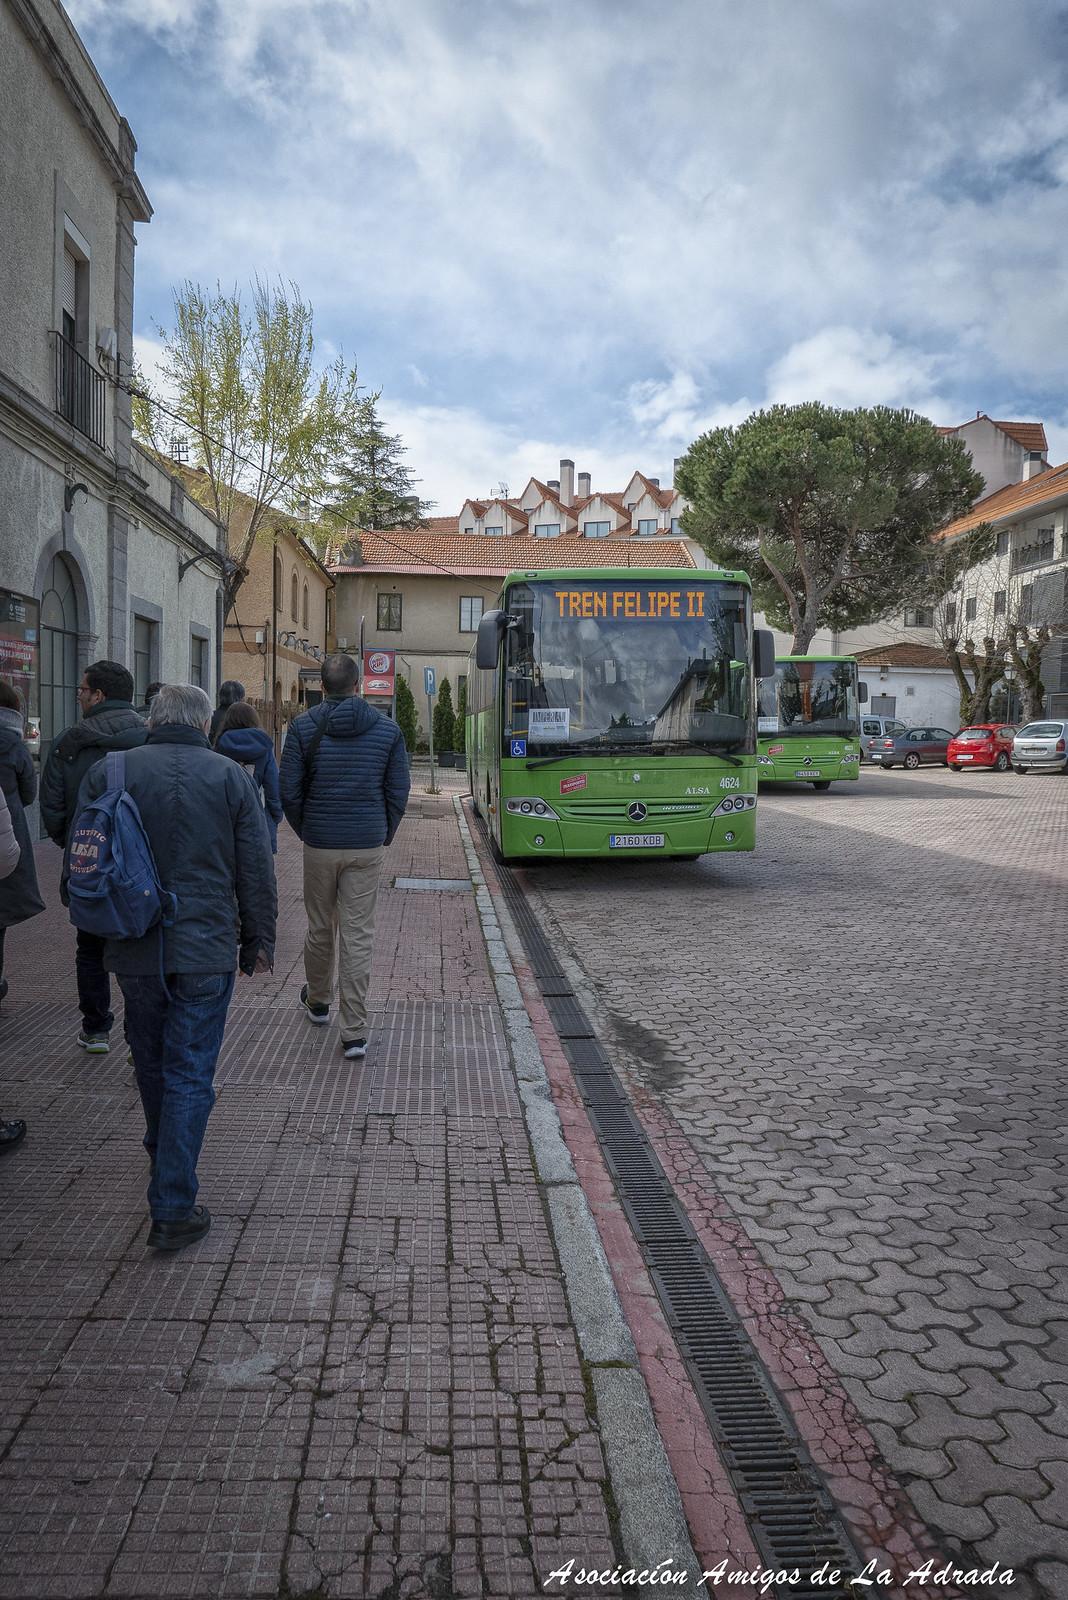 Autobús en la estación que nos llevará al centro del casco urbano.